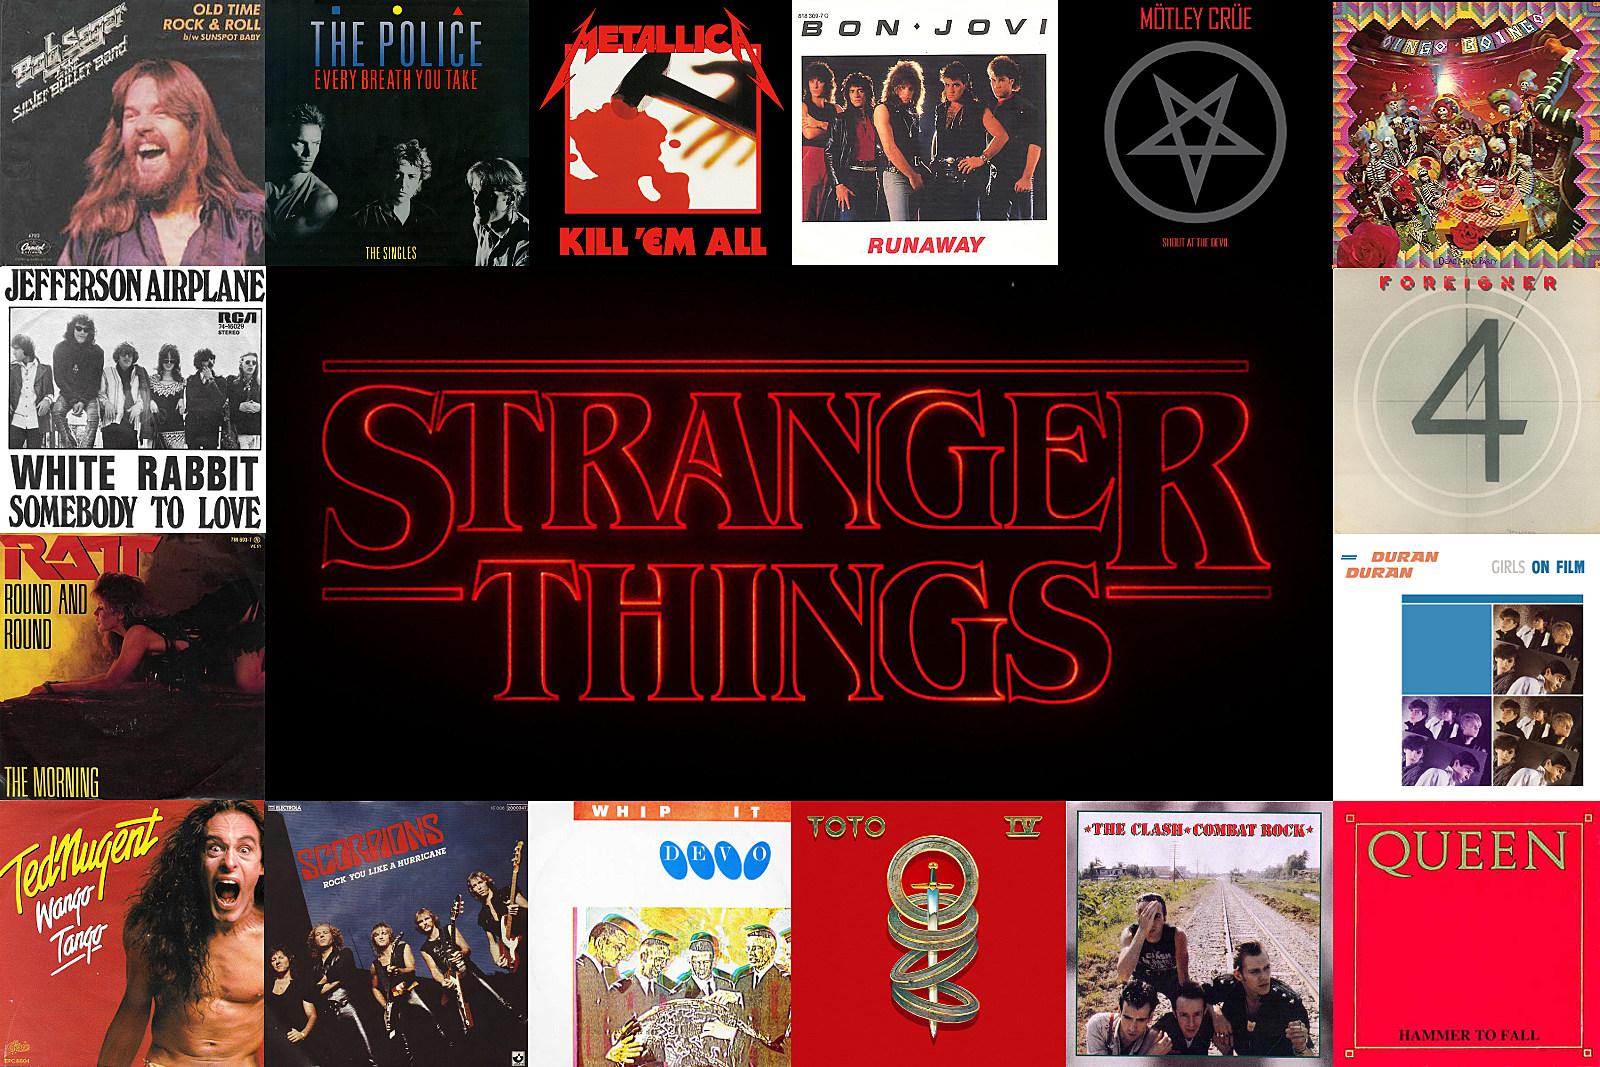 45 Times Rock Music Made 'Stranger Things' Even Stranger